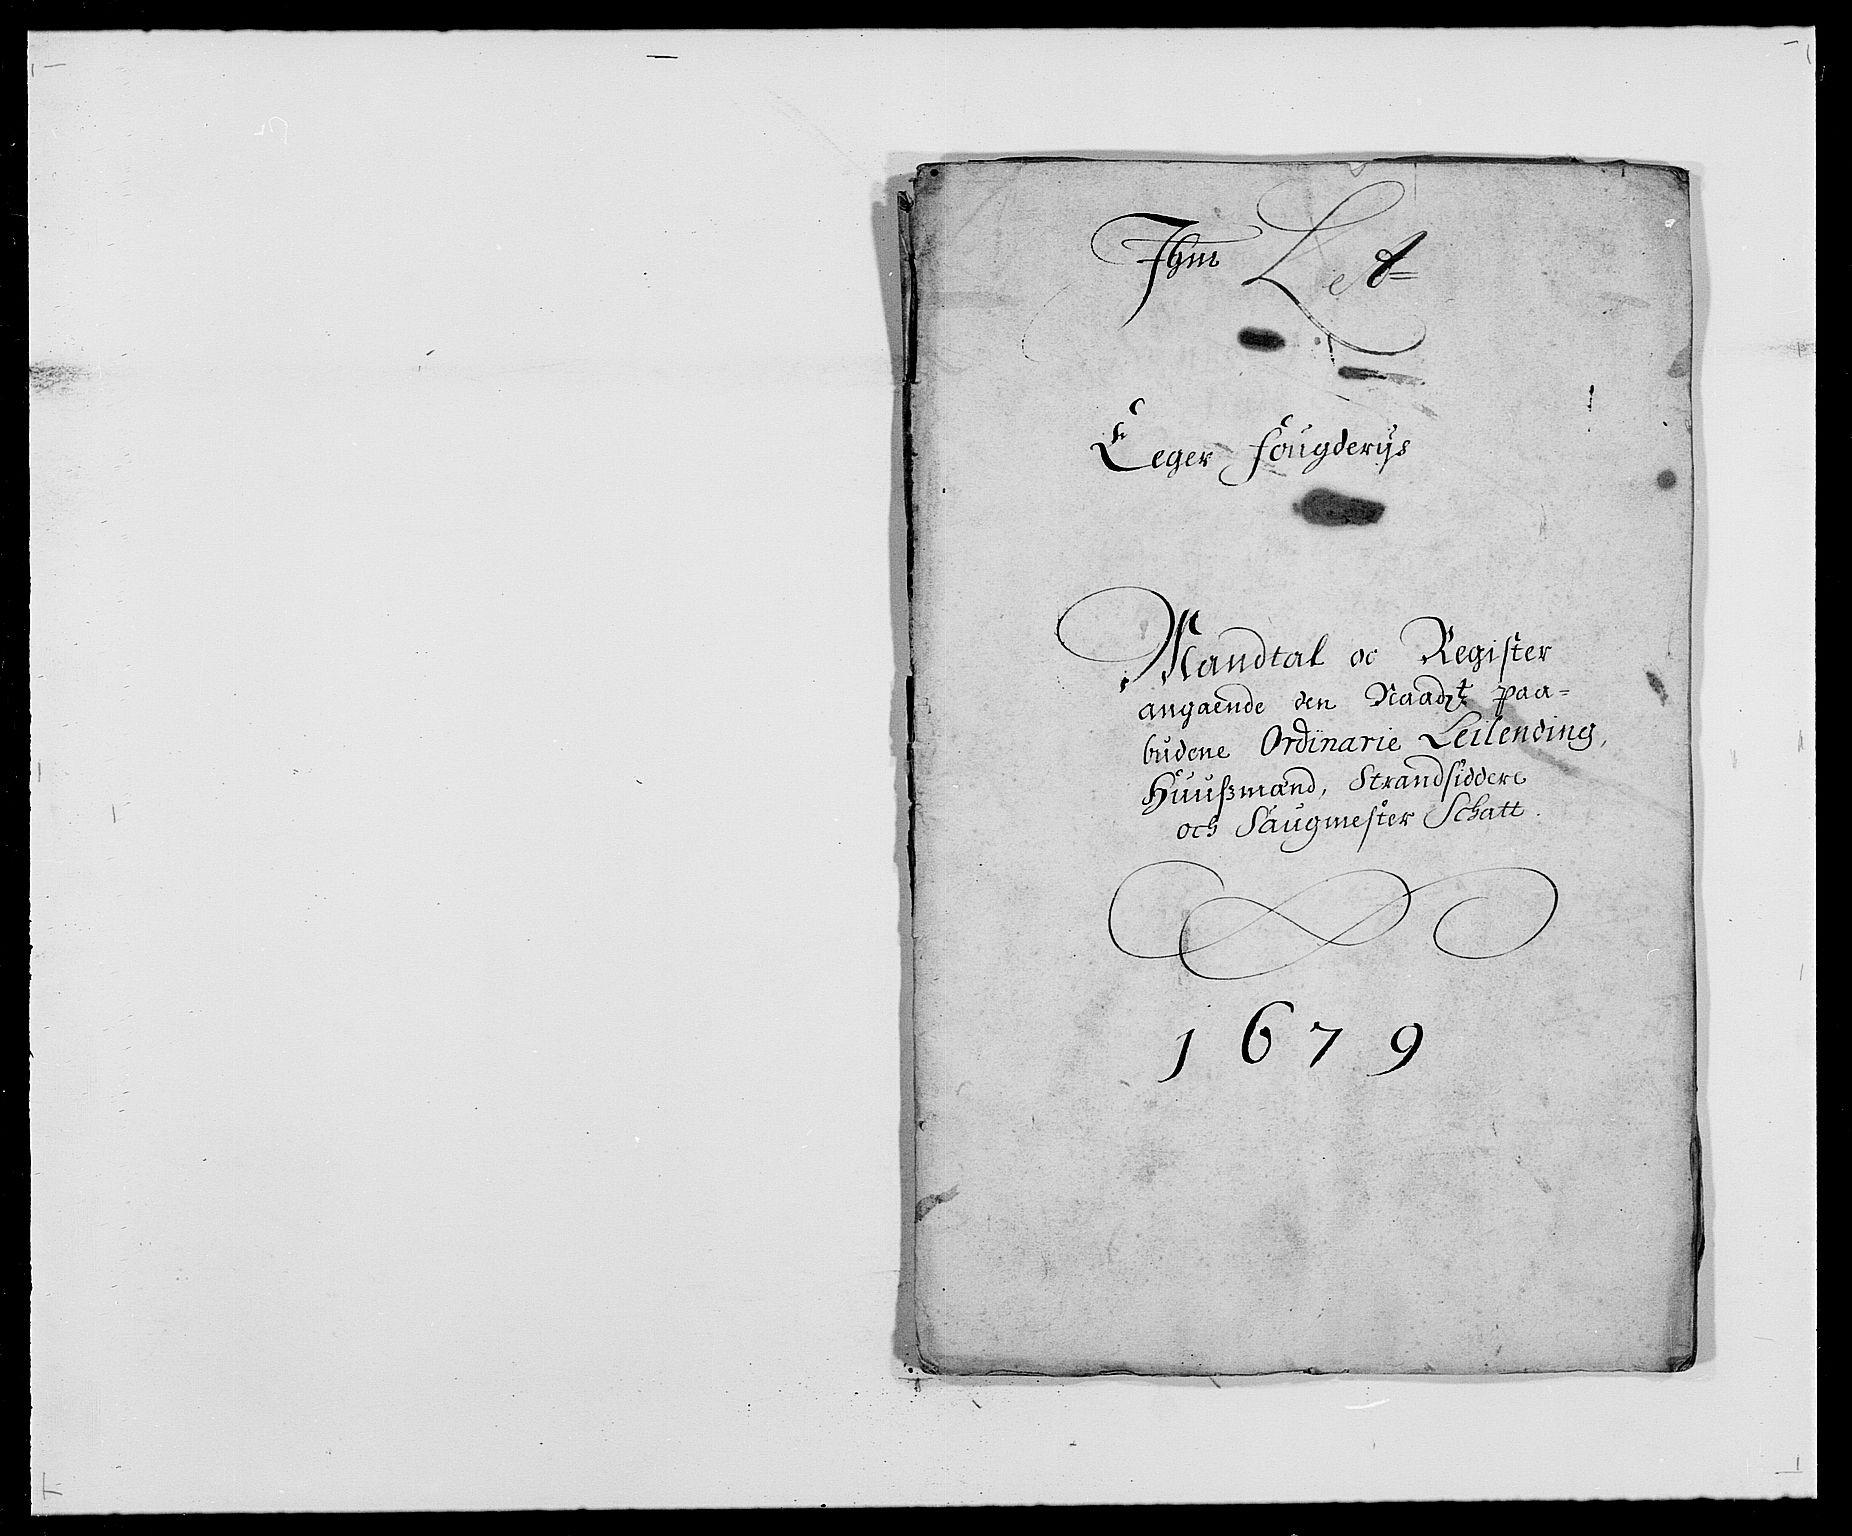 RA, Rentekammeret inntil 1814, Reviderte regnskaper, Fogderegnskap, R26/L1684: Fogderegnskap Eiker, 1679-1686, s. 30